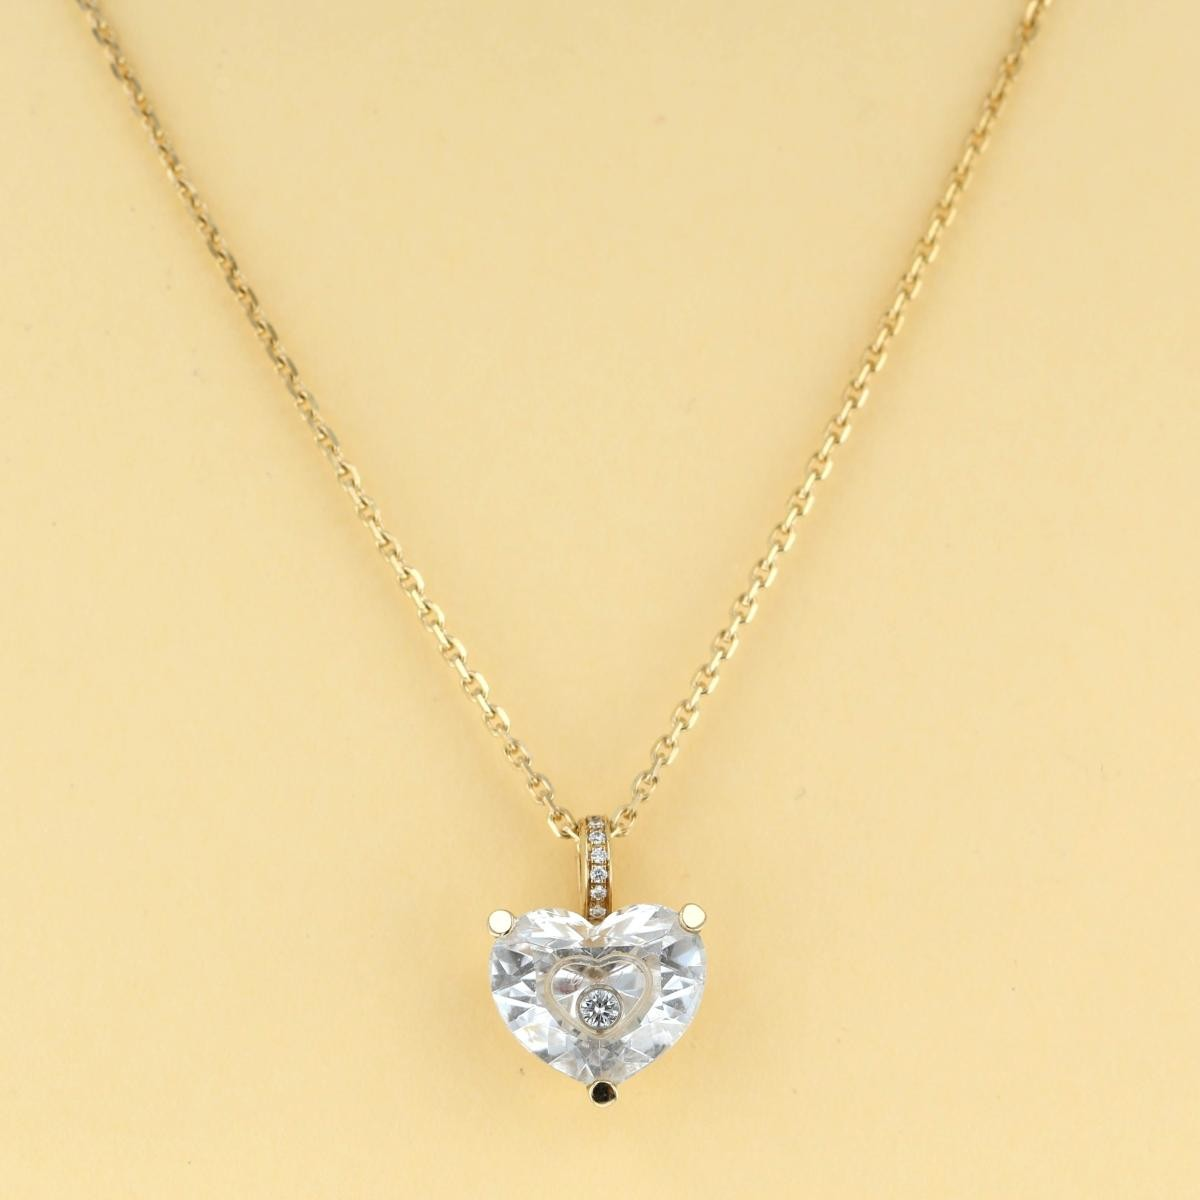 【中古】Chopard (ショパール) ソーハッピーダイヤモンドネックレス 750YG ブランドジュエリー ネックレス/ペンダント/チョーカー happydiamond Yellow Gold/イエローゴールド 79/6740/06 used:A